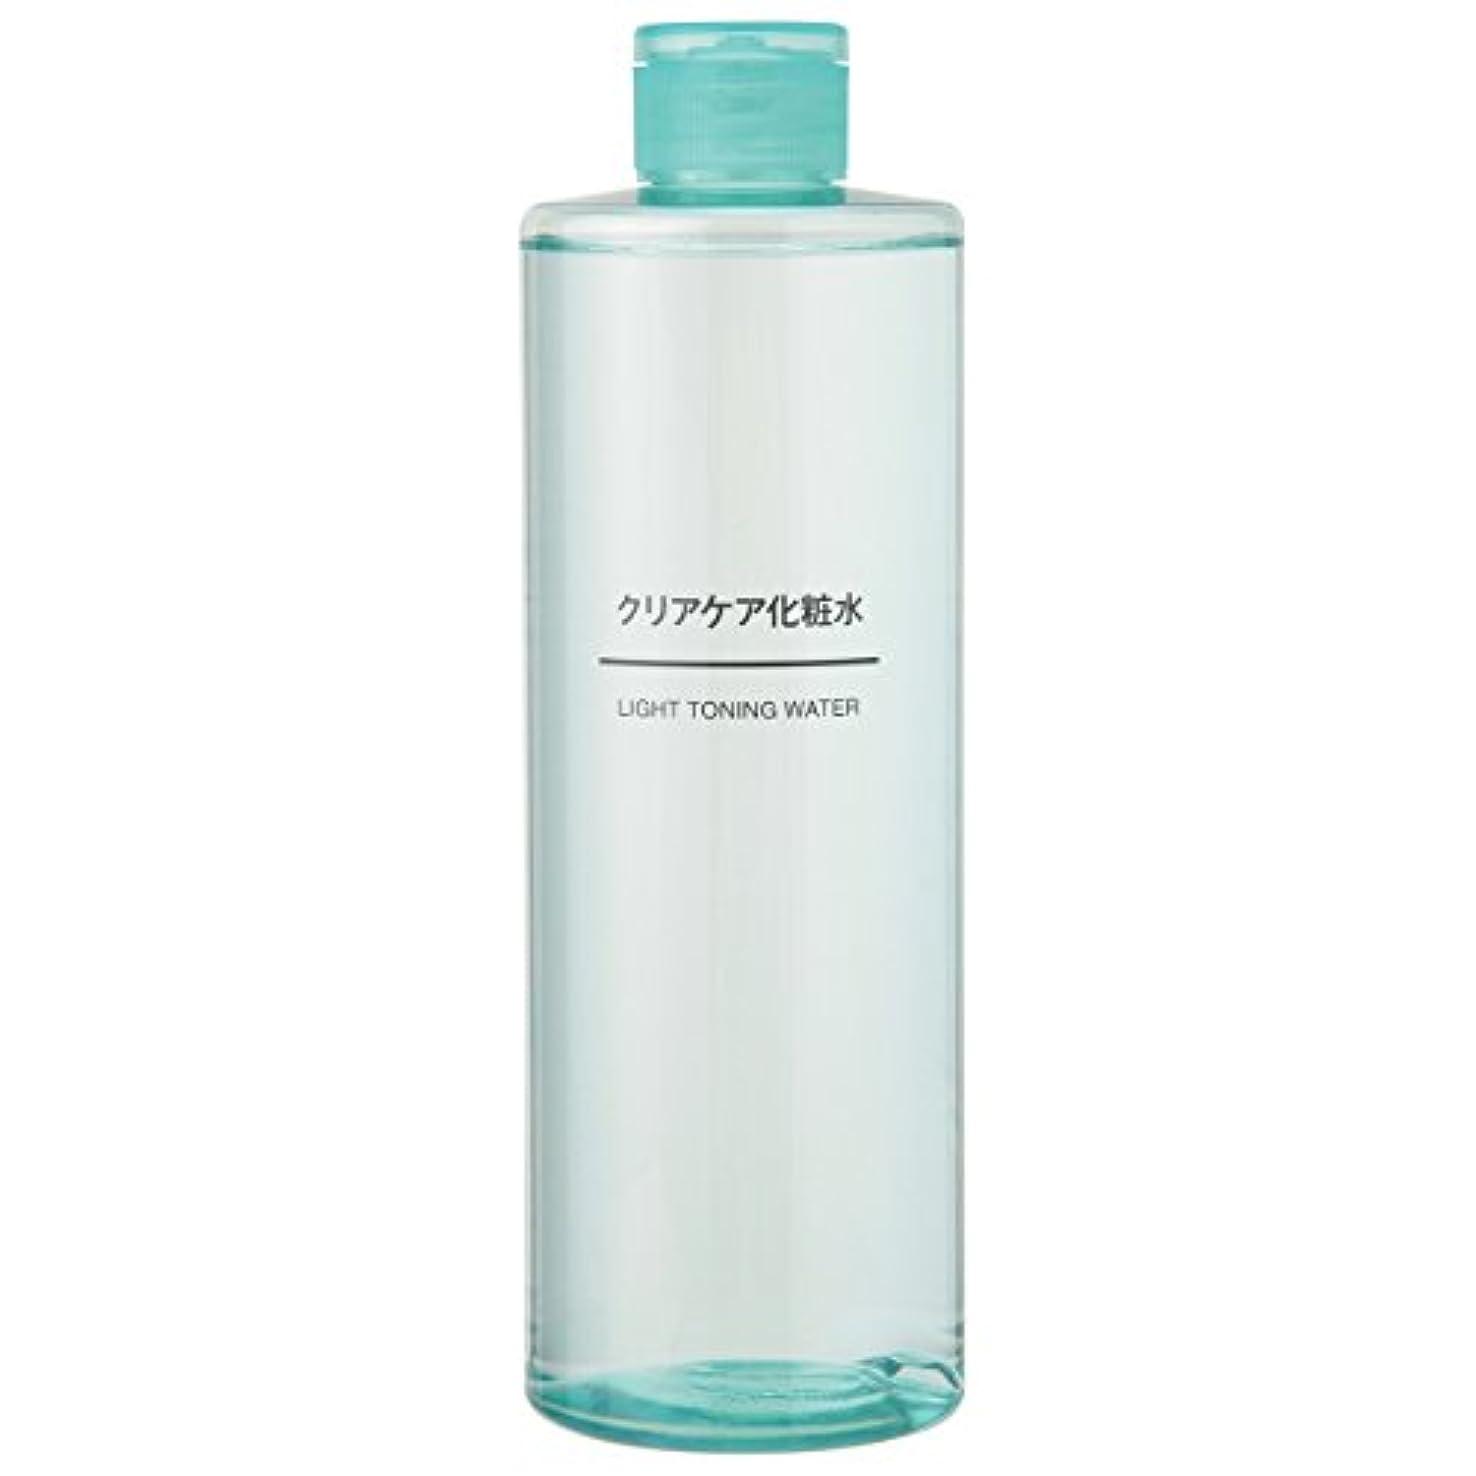 スラムデザイナー汚物無印良品 クリアケア化粧水(大容量) 400ml